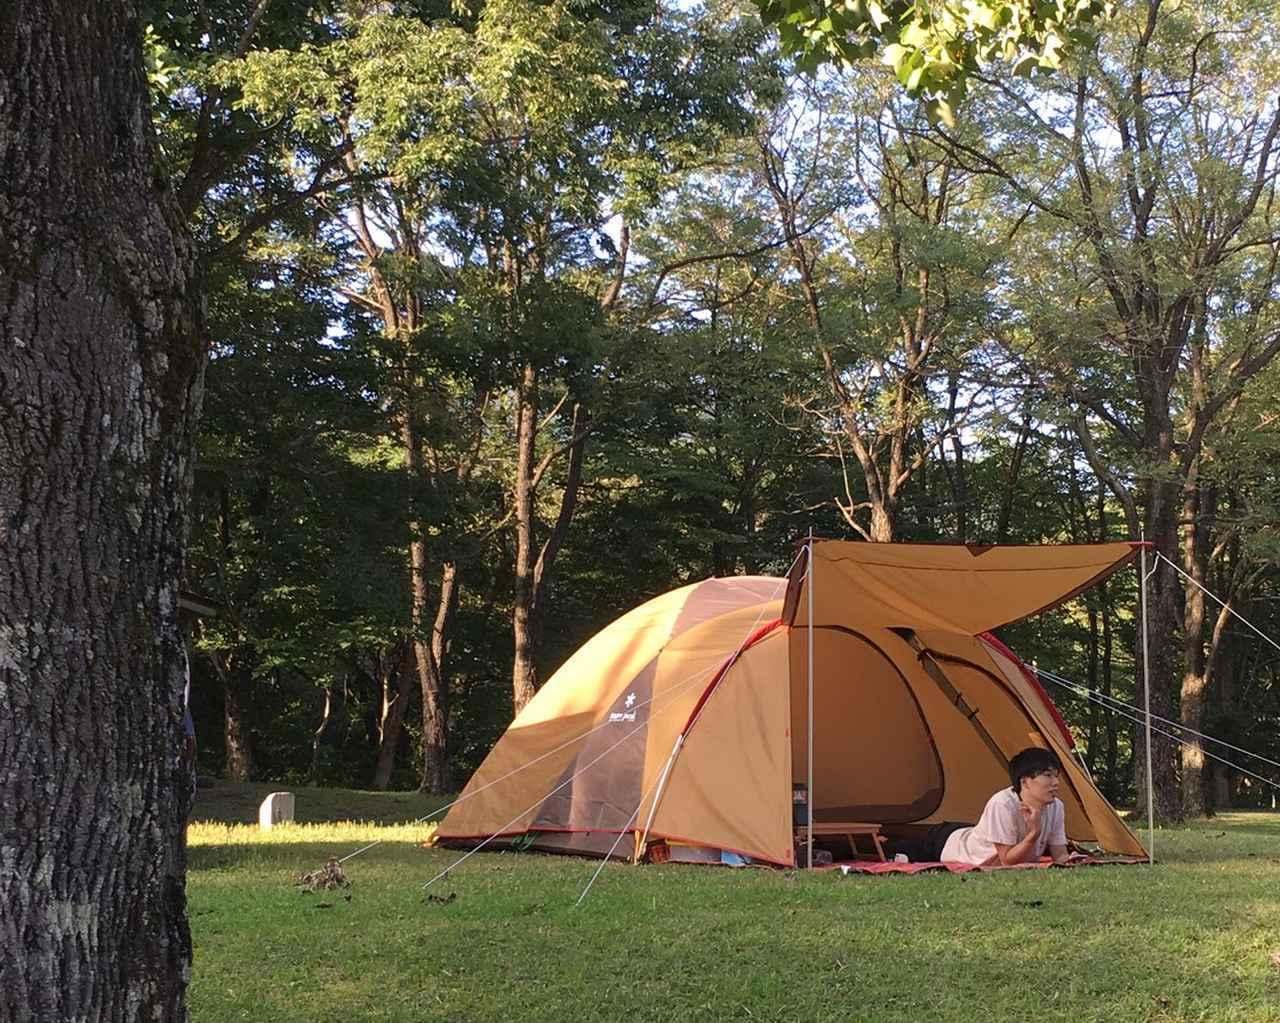 画像: ドーム型は広々・設営簡単でファミリーキャンプ初心者におすすめ 家族の人数に合わせてぴったりなテントを選ぼう!